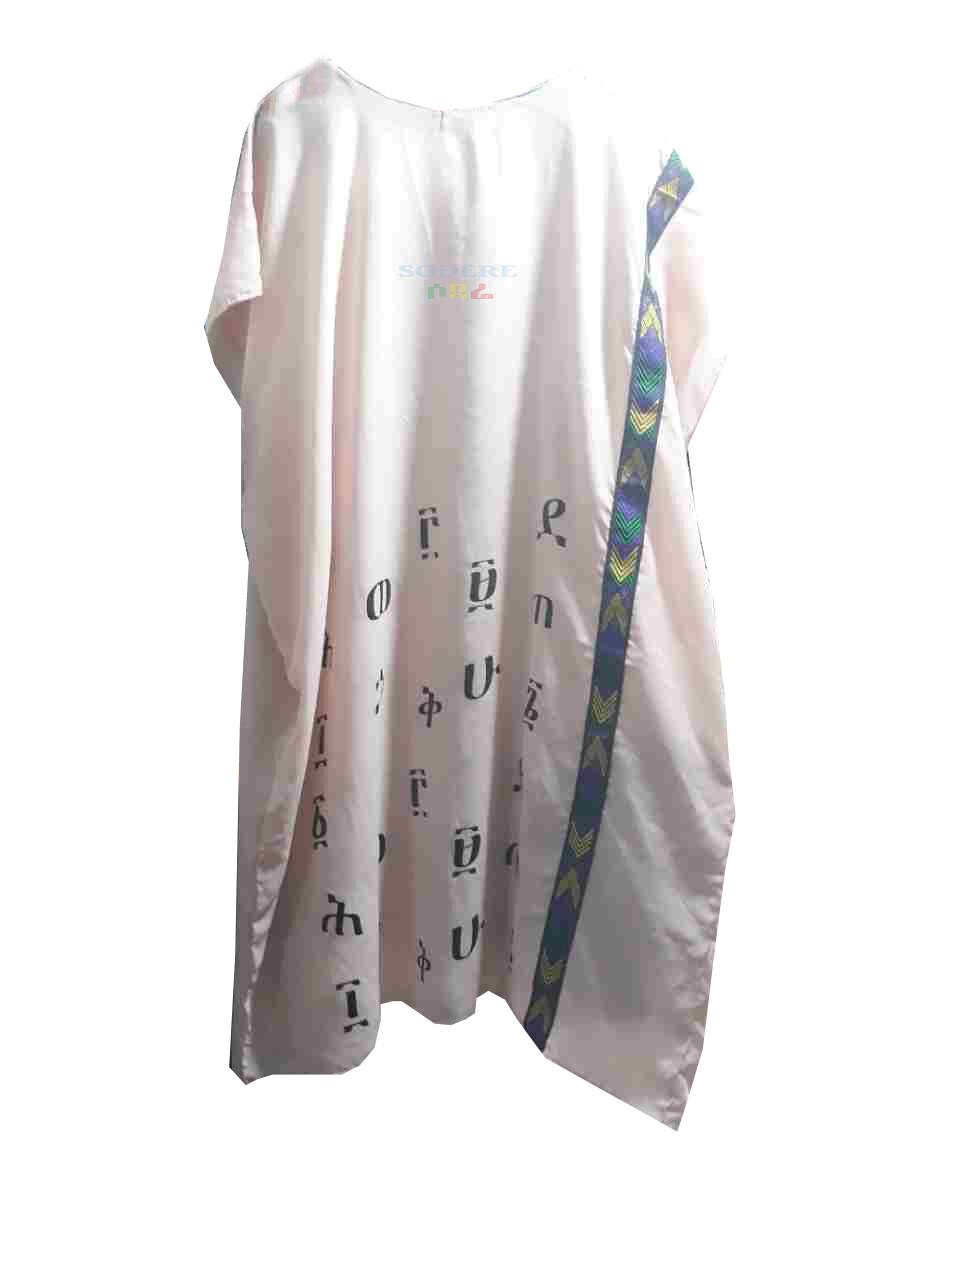 የአማርኛ ፊደሎች እና ቁጥሮች ያሉበት አጭር ቀሚስ  Ethiopian Dress  / free size